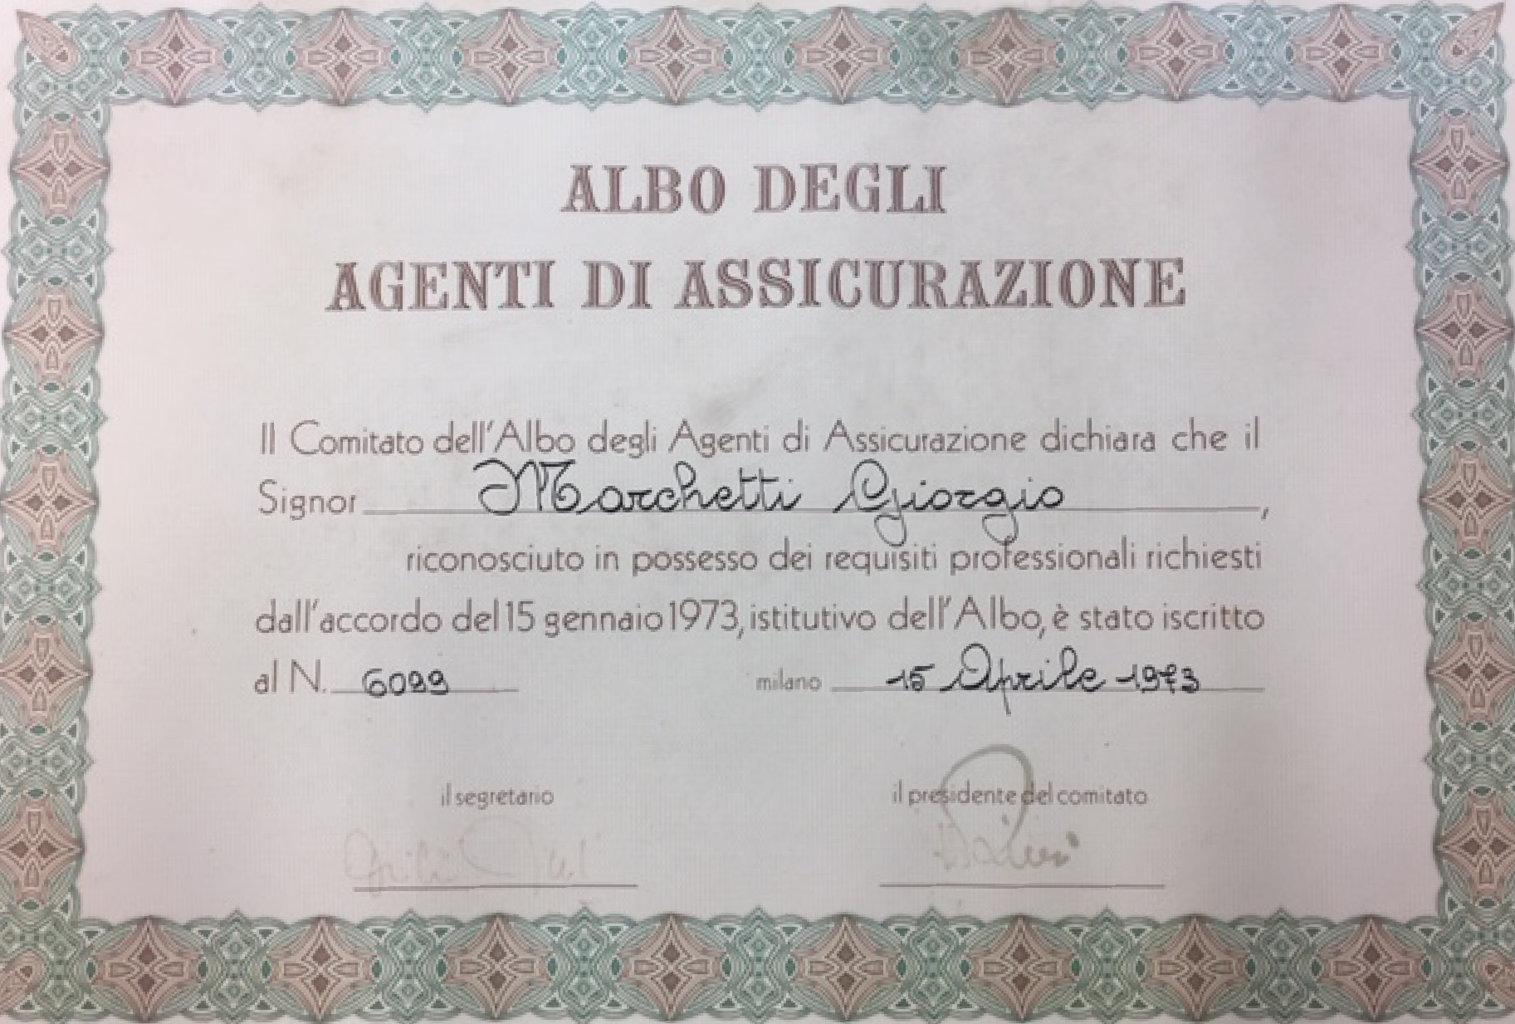 marchetti-assicurazioni-roma-05 -chi-siamo